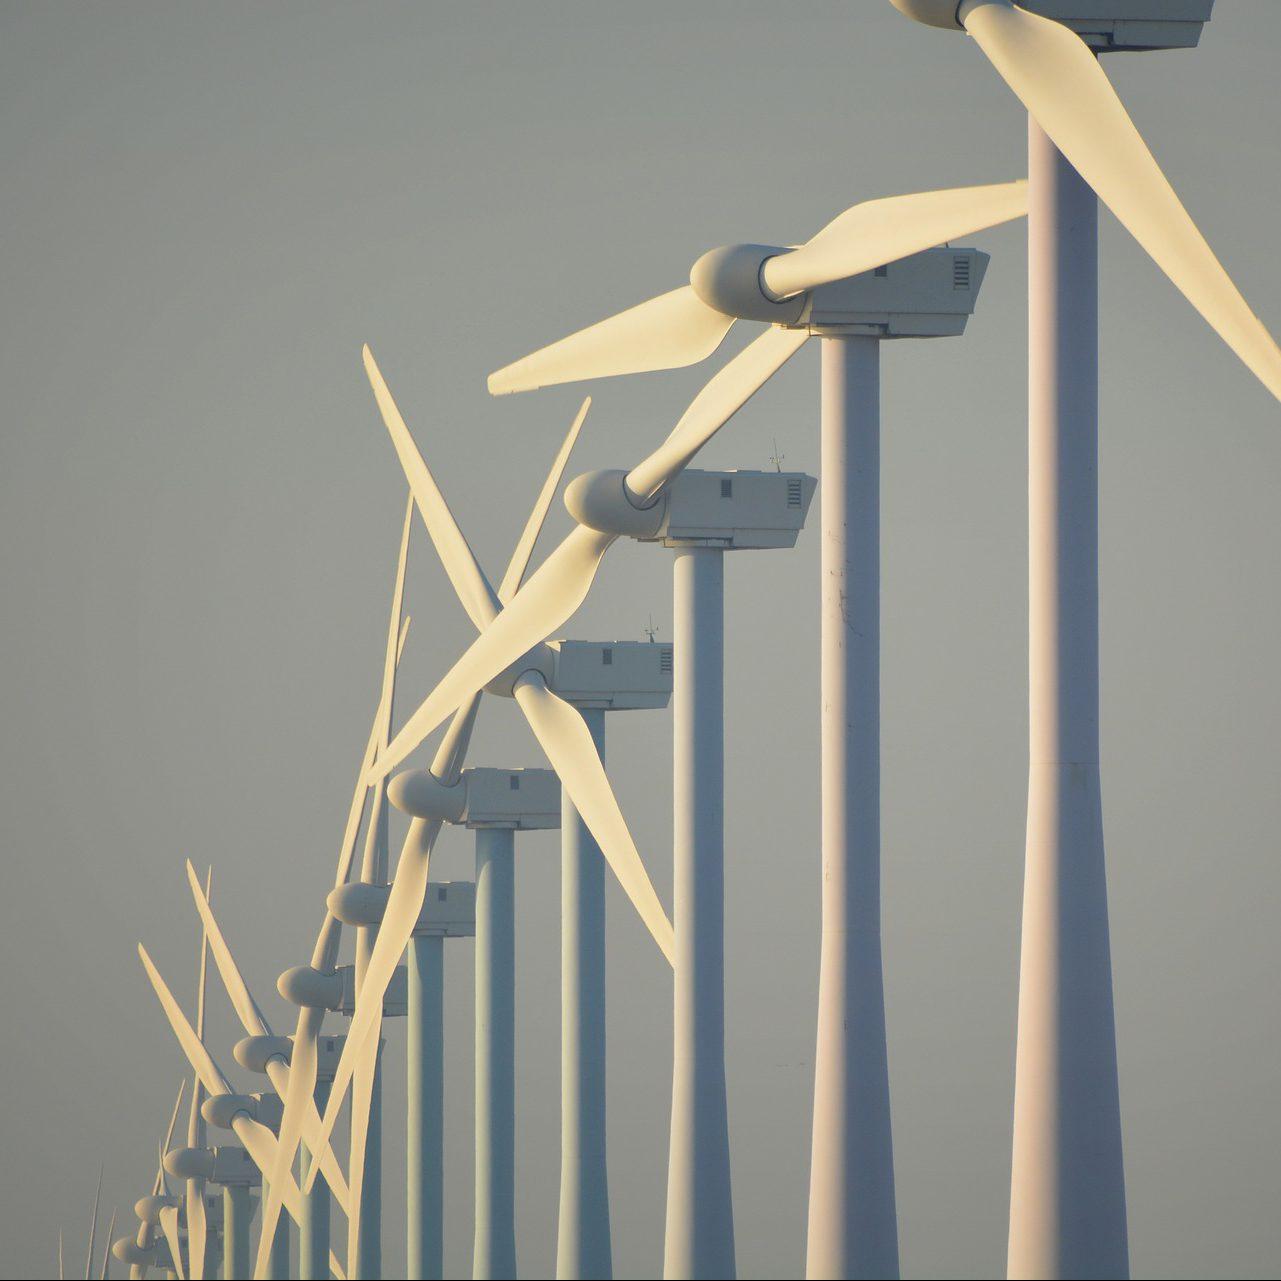 Windenergie aktuell: Beteiligungsgesetz in Mecklenburg-Vorpommern kommt